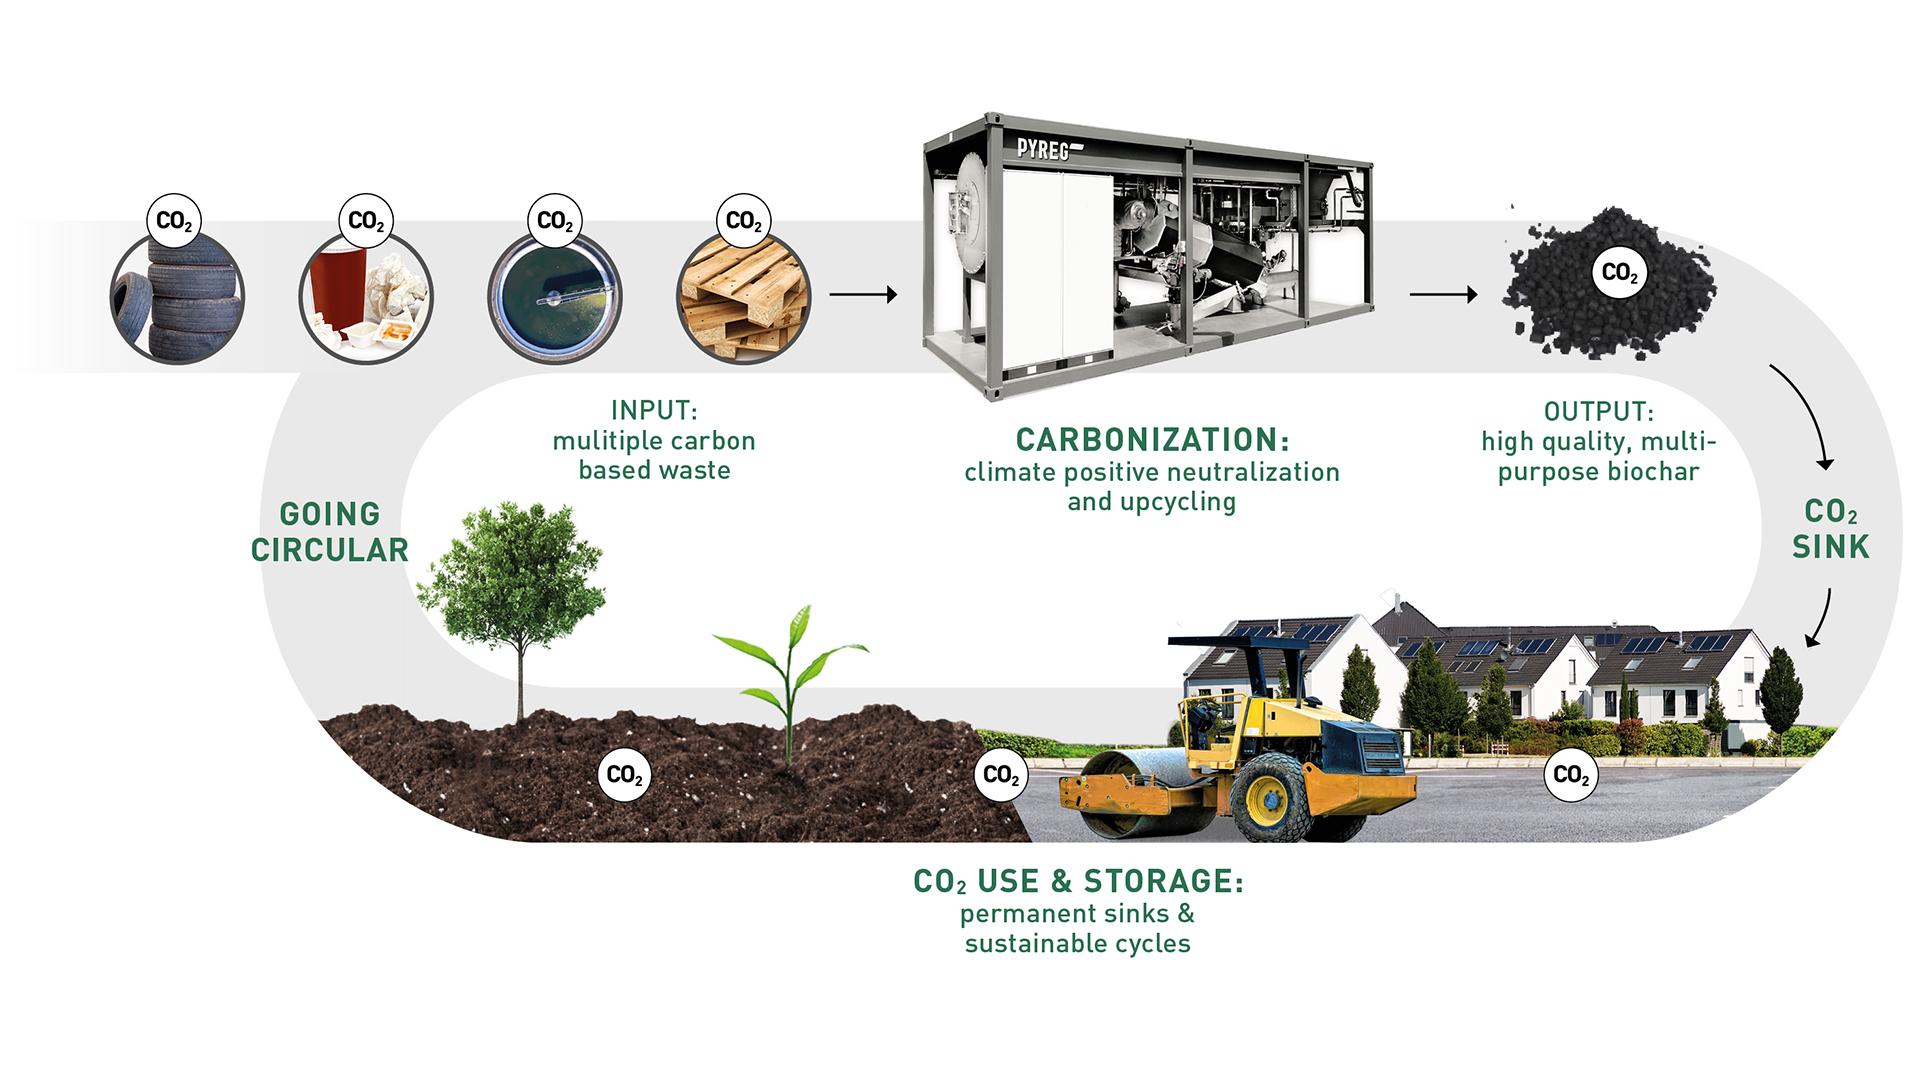 kreislaufwirtschaft circular economy mixed carbon based waste